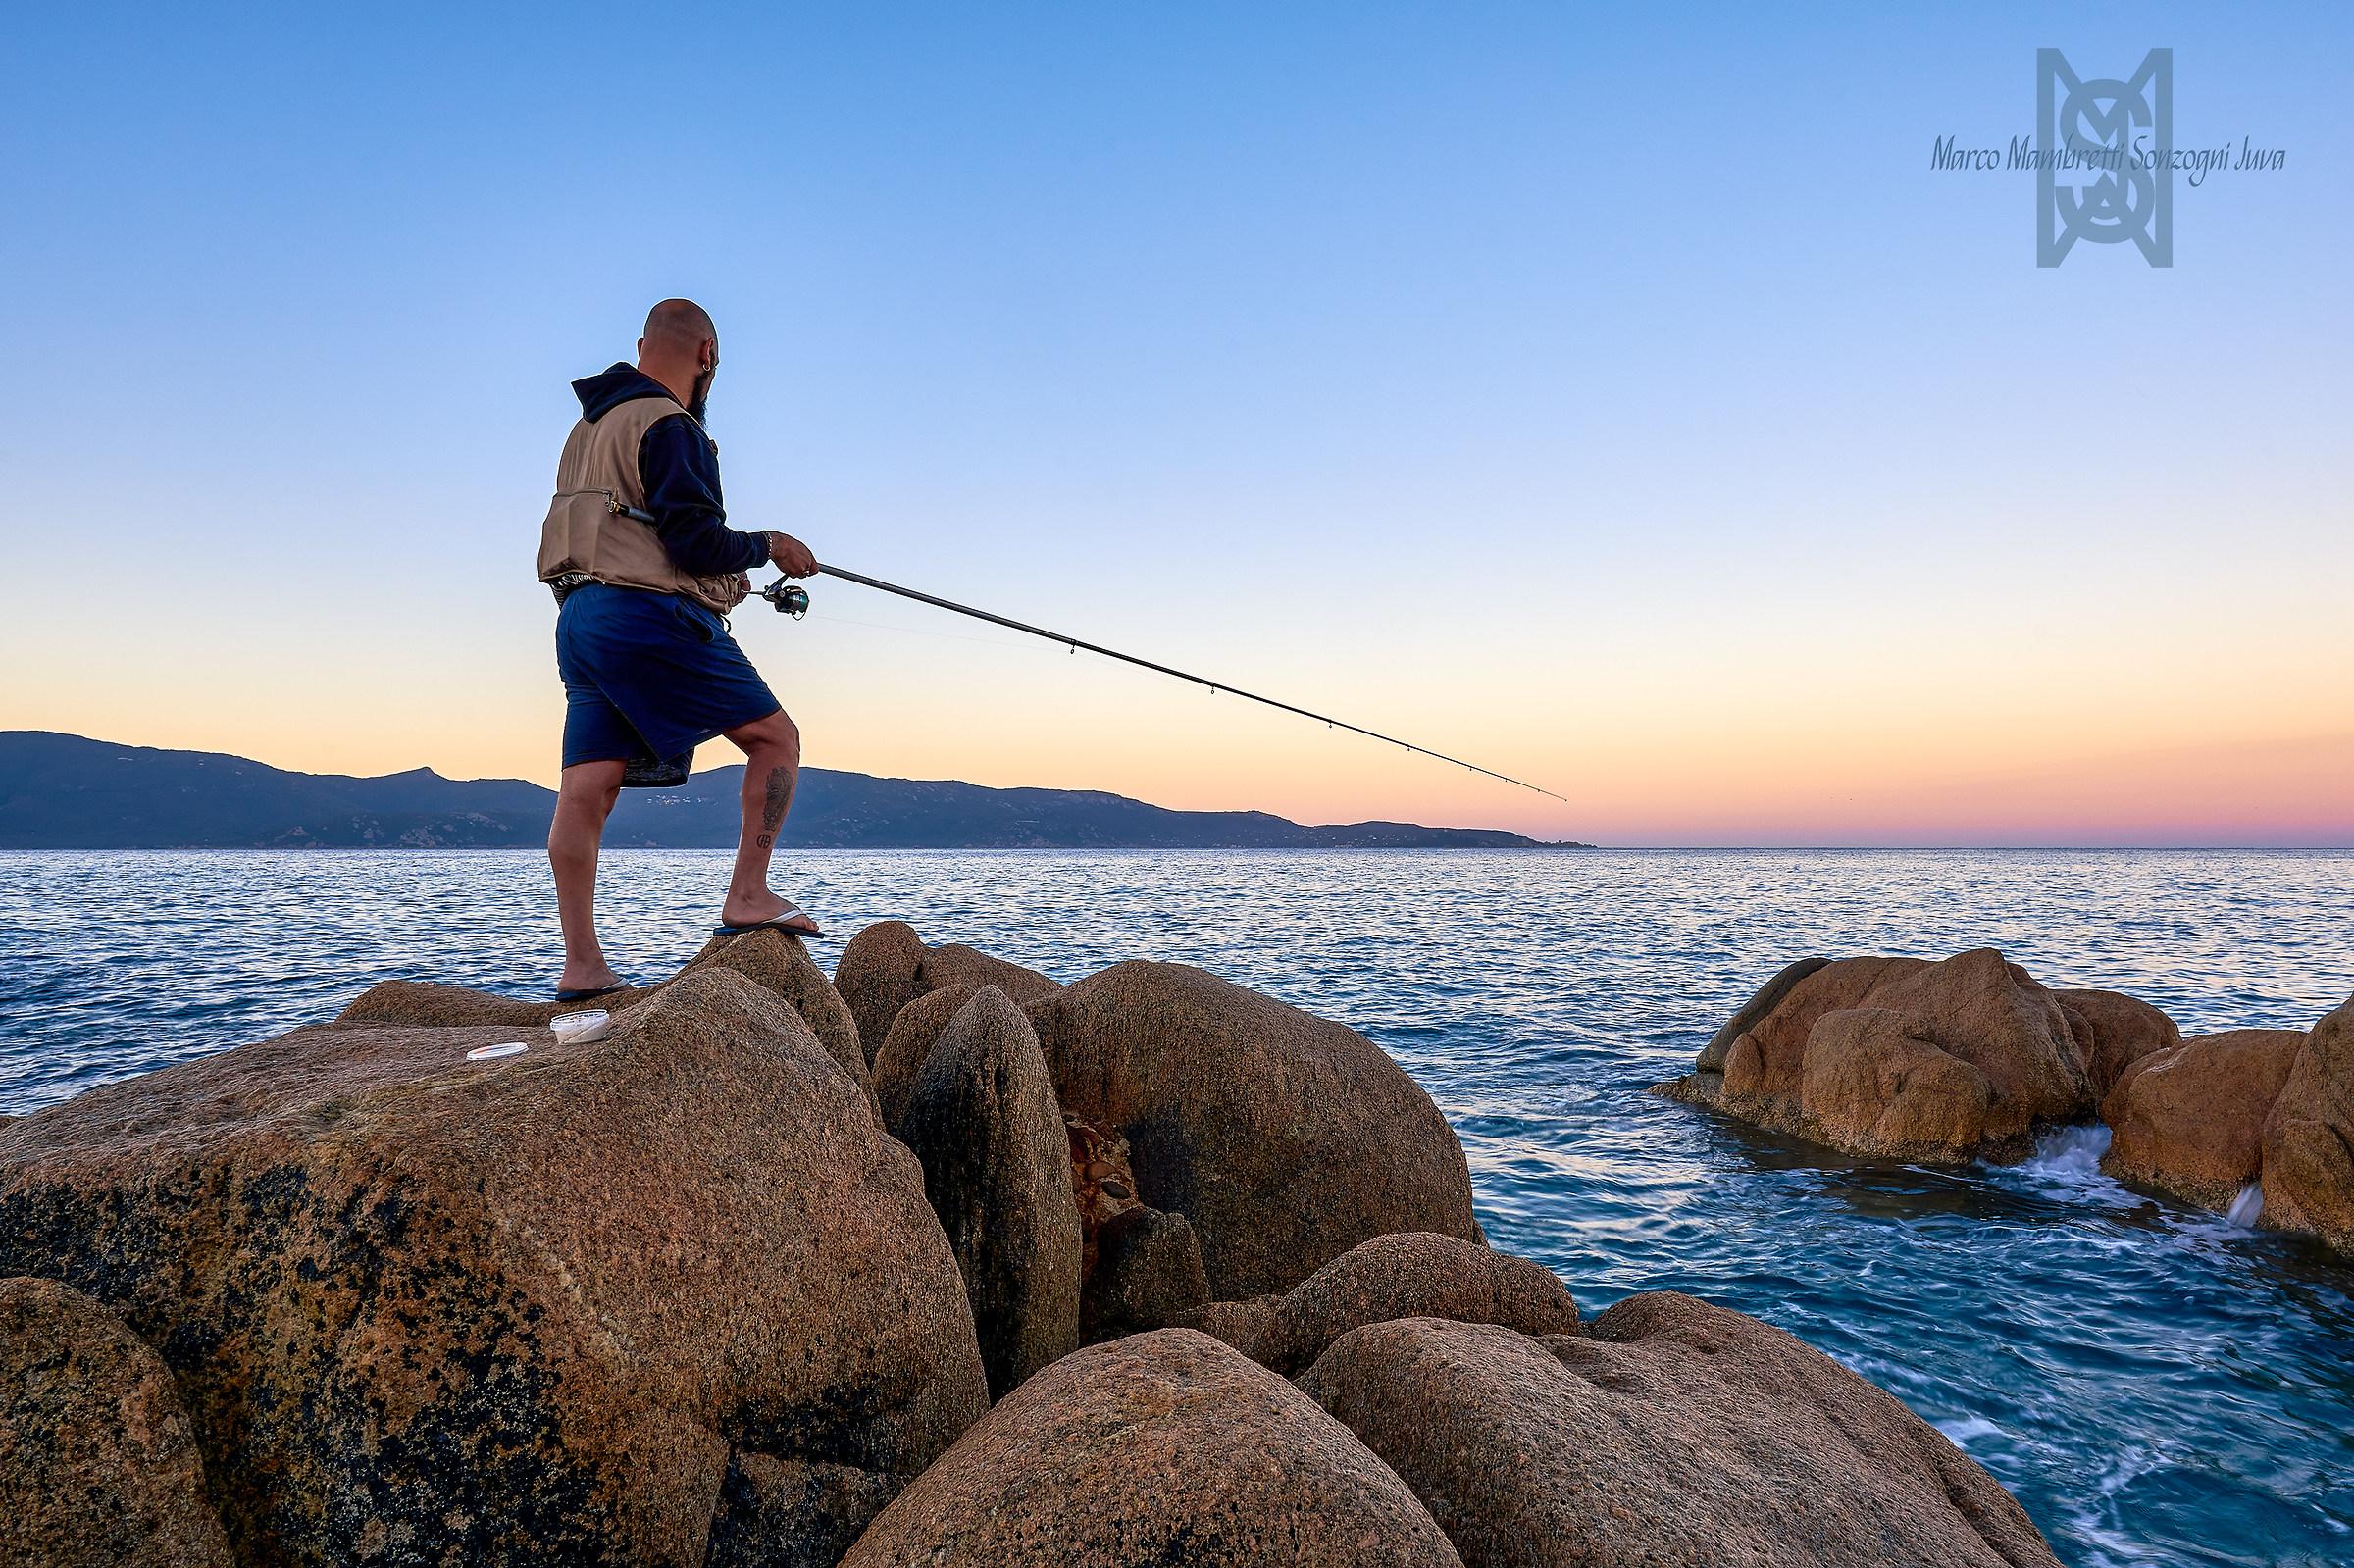 Pescatore di giorno...